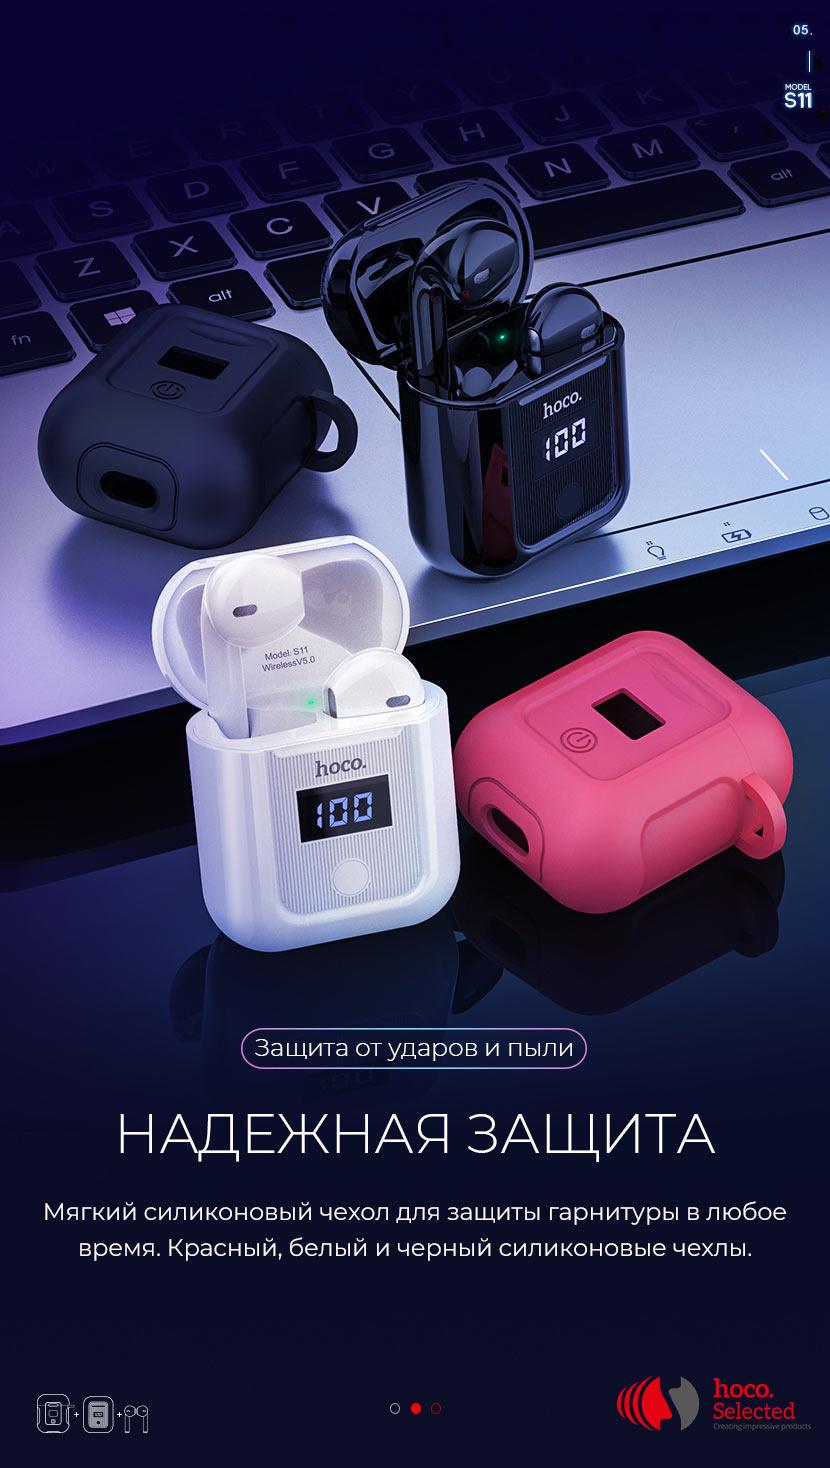 hoco selected новости s11 melody беспроводная гарнитура защитный ru